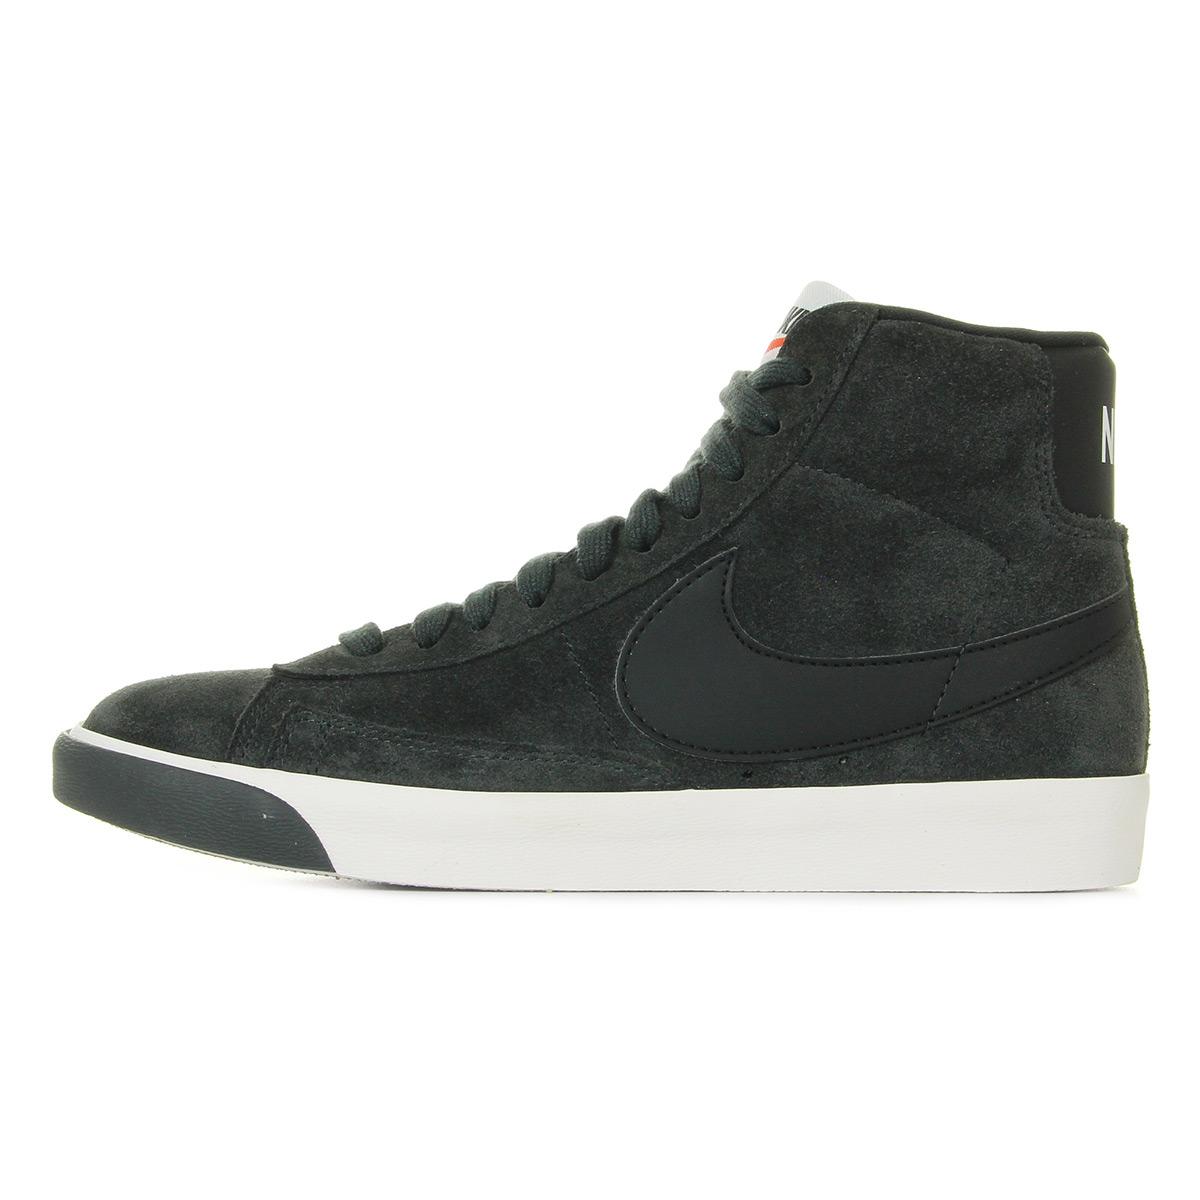 Nike WMNS Blazer Mid Vintage Suede 917862003, Baskets mode femme